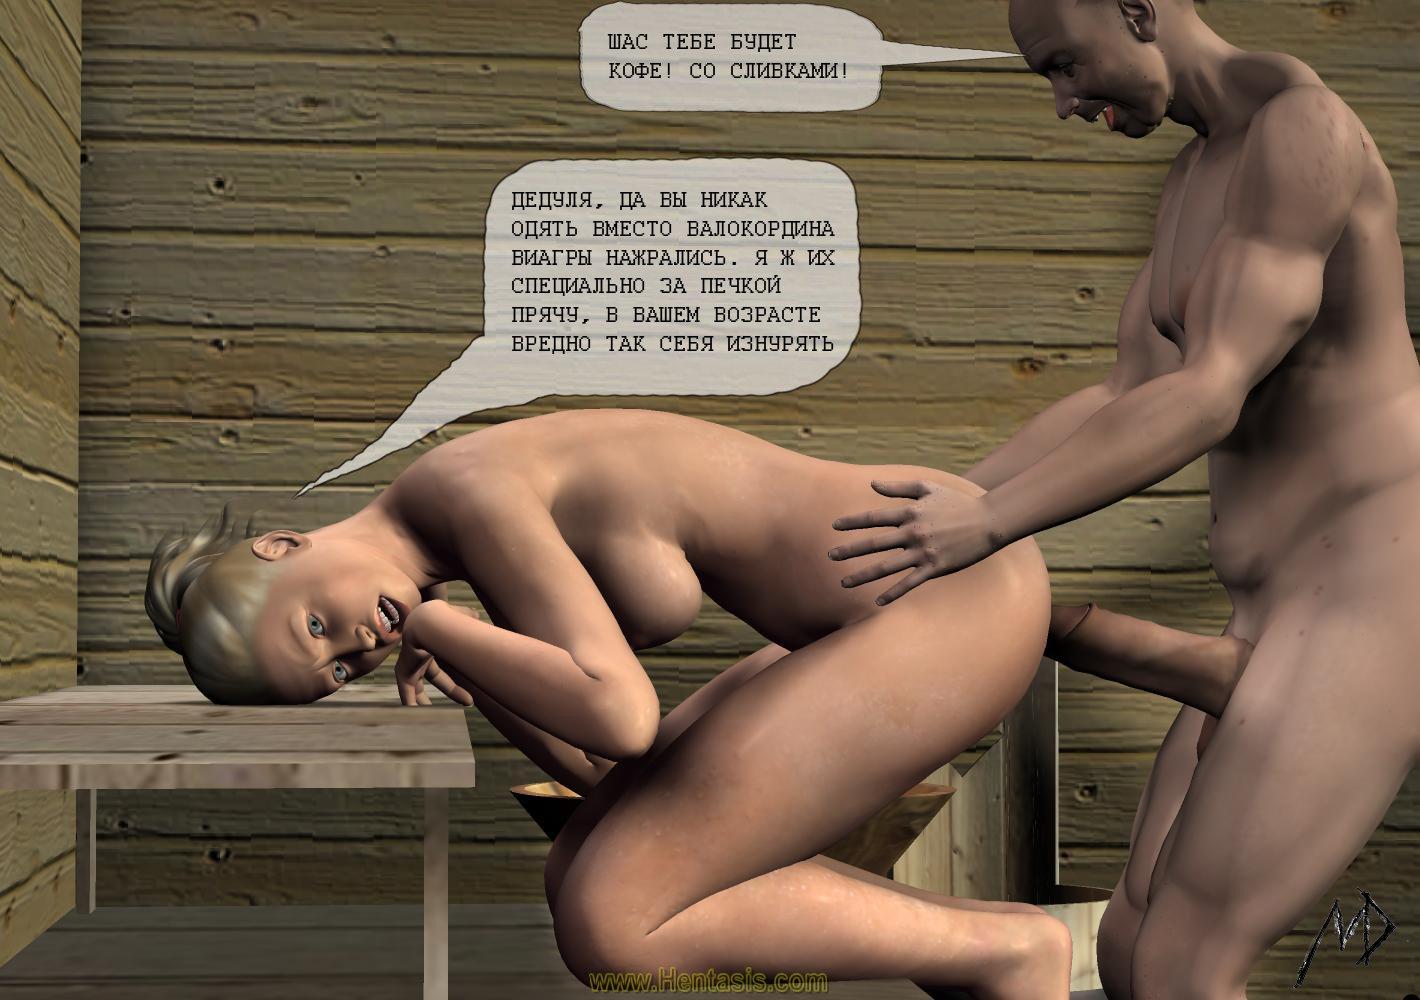 Порно инцест. Смотреть онлайн видео бесплатно!